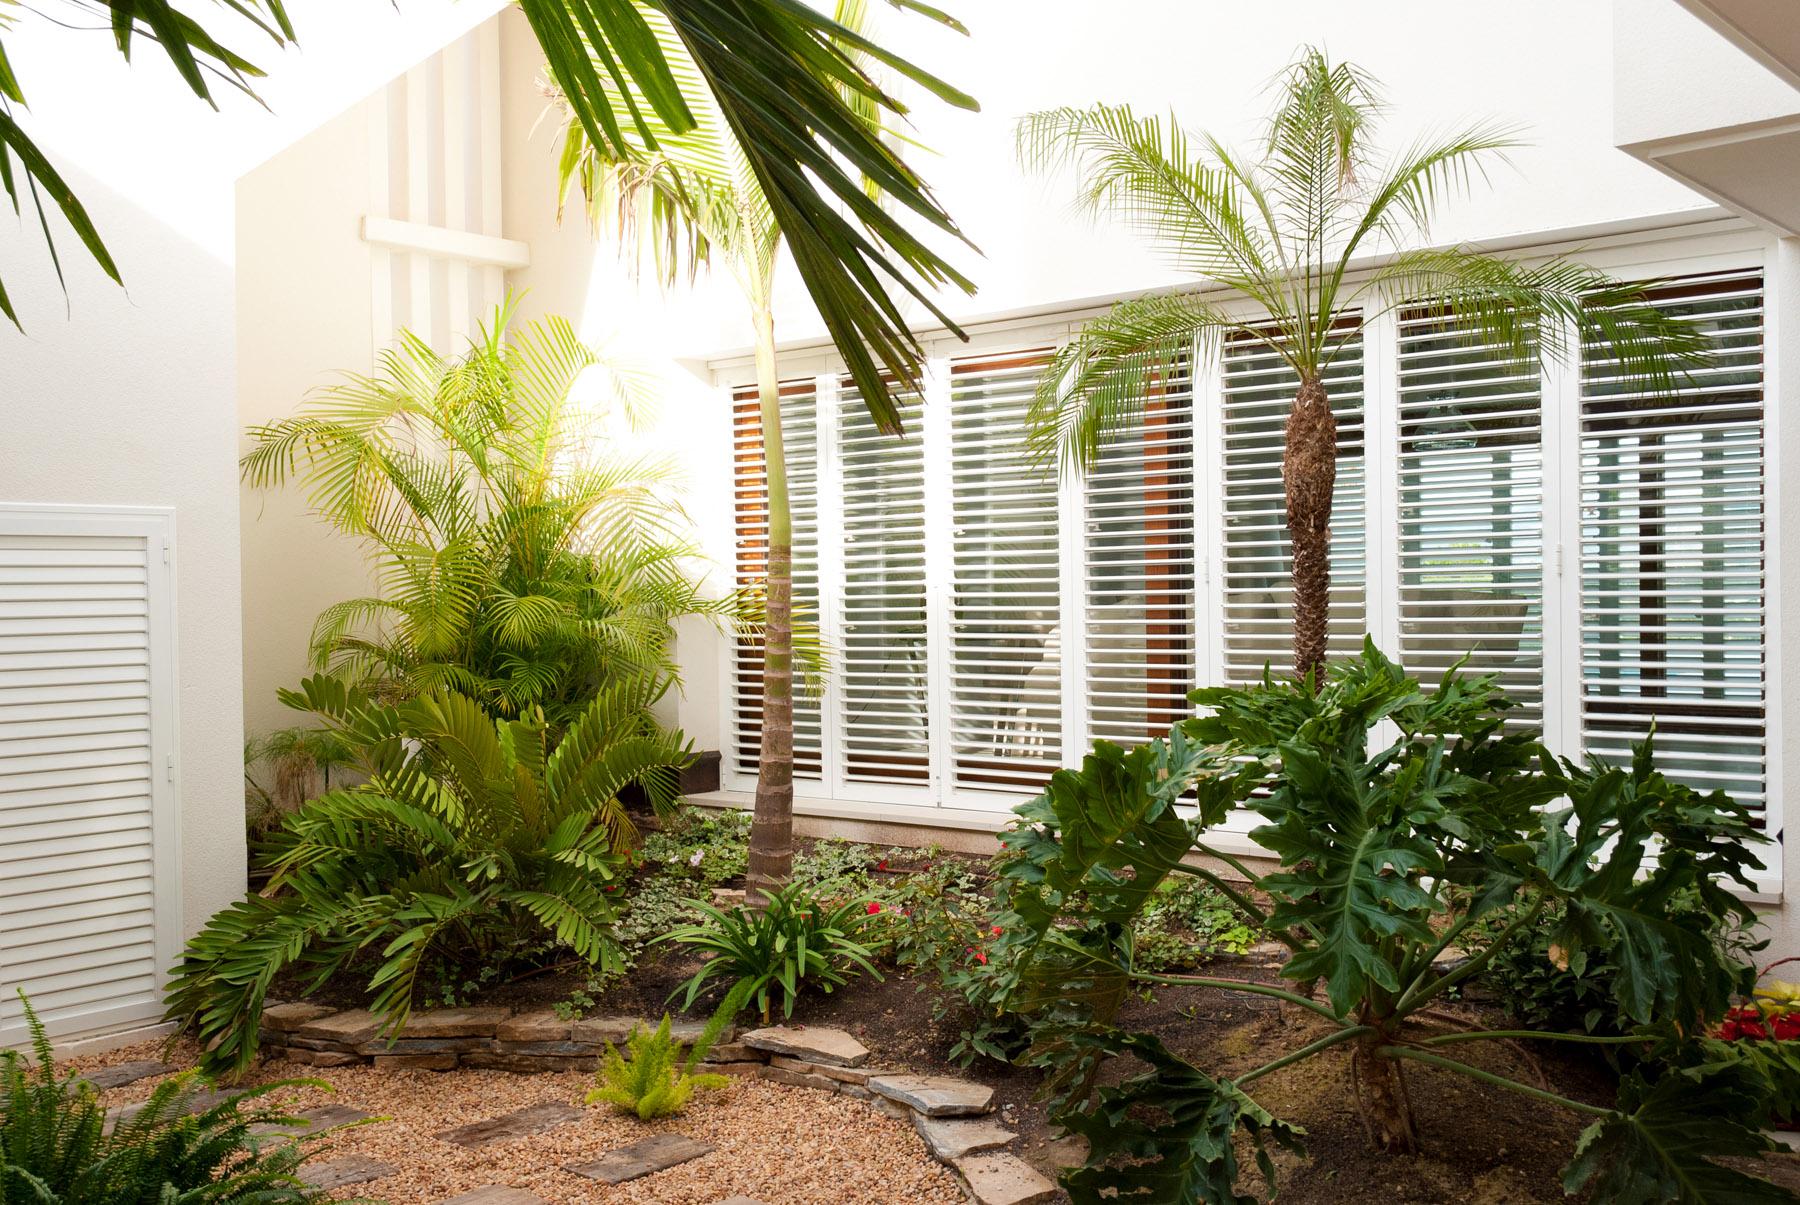 El jard n de laura jard n de matices en villa alicantina for Jardines de pared para interiores